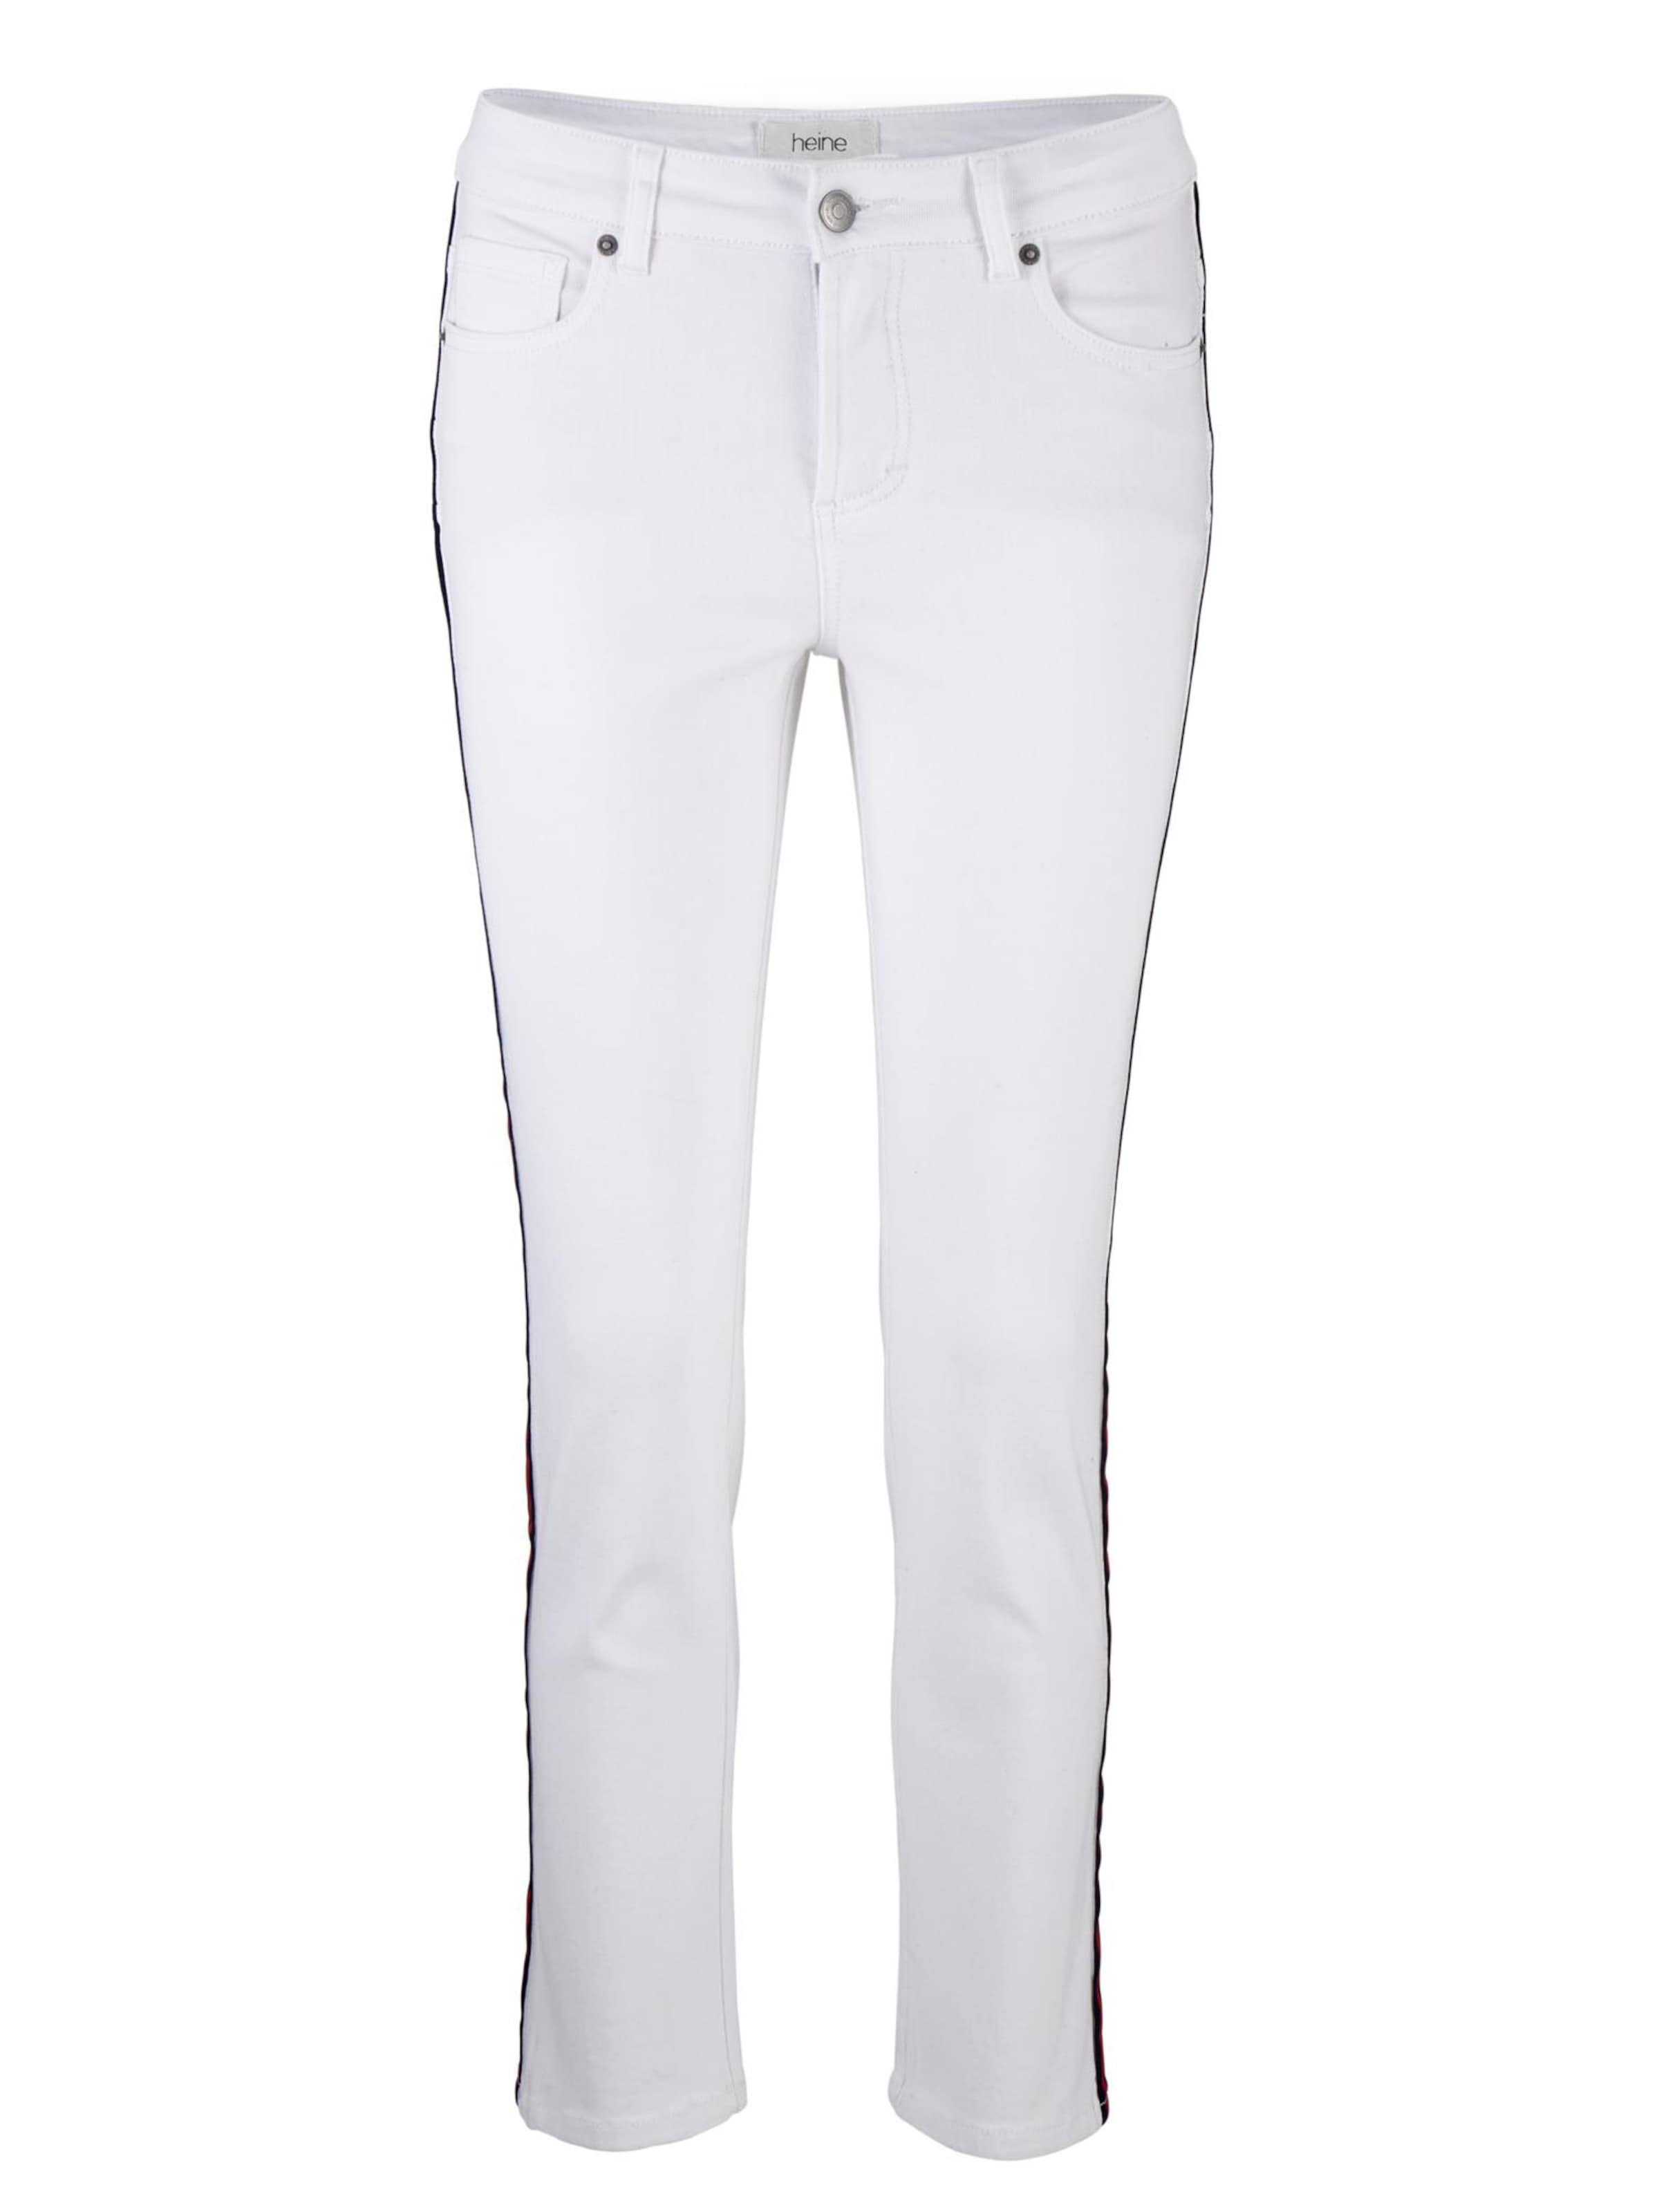 Weiß Heine In Jeans In Heine Jeans Weiß roQexBCWEd